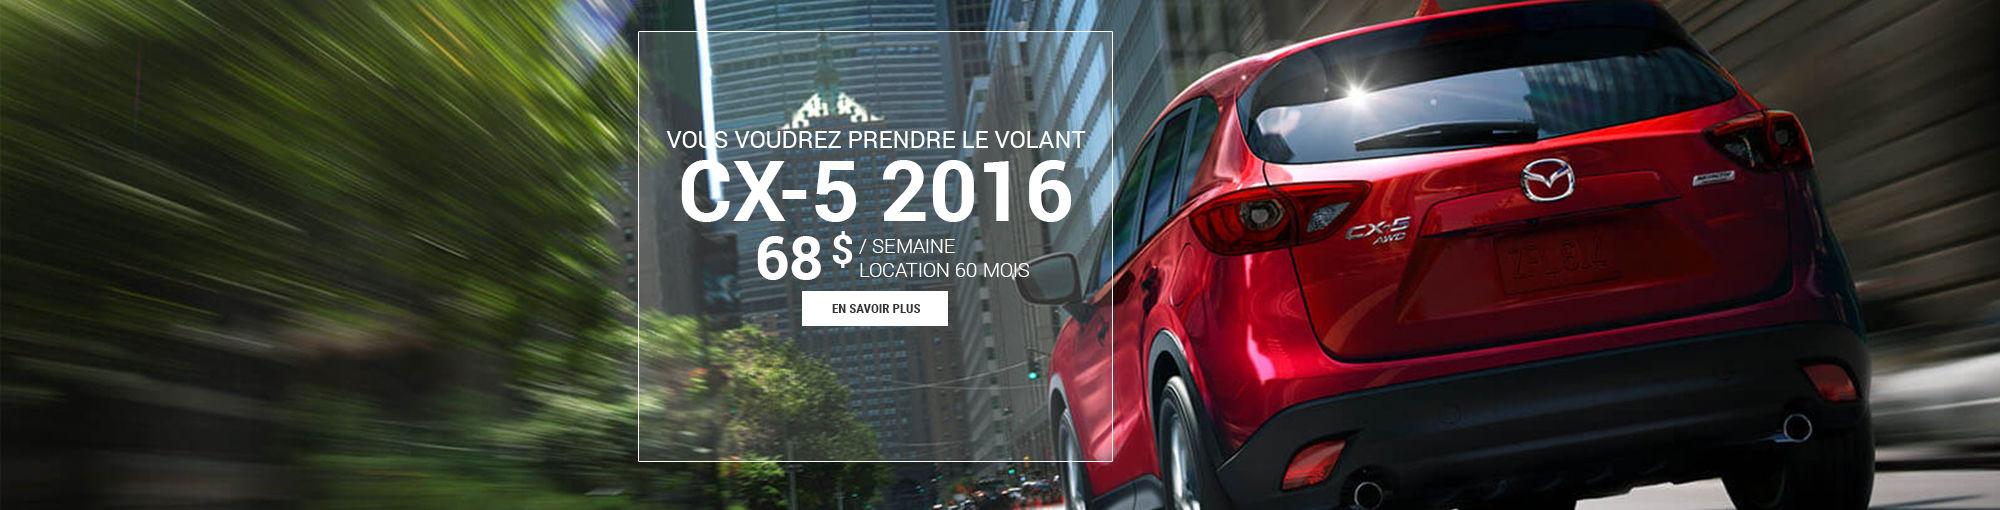 CX5 2016 - août 2016